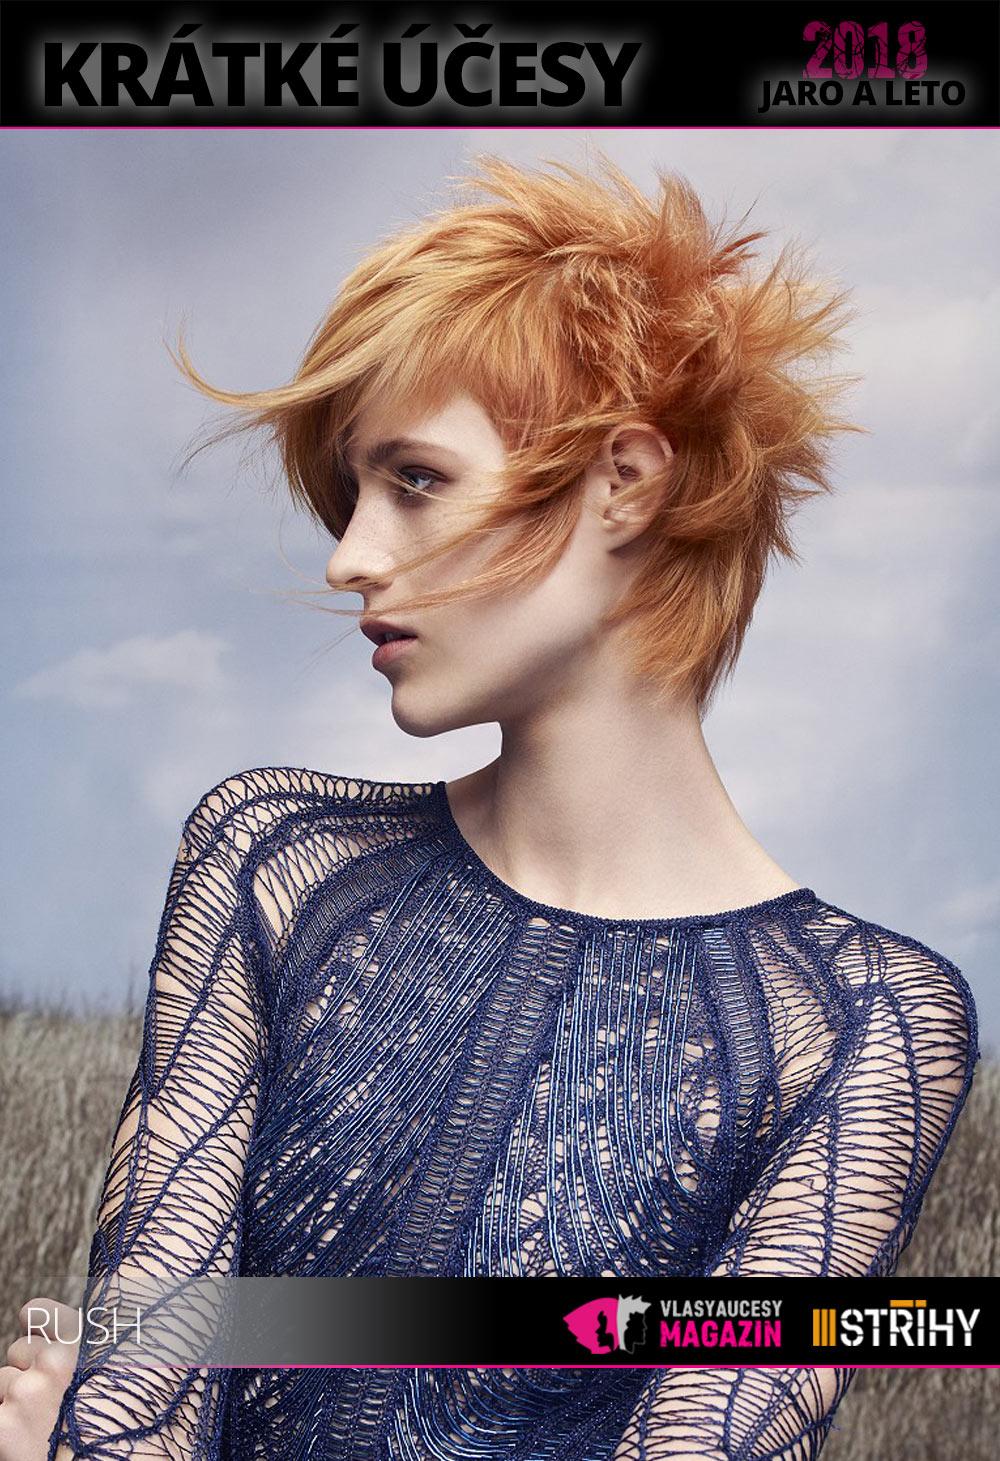 Další trend pro krátké účesy jaro/léto 2018? Shag letos letí i jako účes pro krátké vlasy. Užijte si jej! (Vlasy: Rush Artistic Team, kolekce: Lost Rebels Collection, foto: Jack Eames, make-up: Kristina Vide, styling: Robert Morrison.)